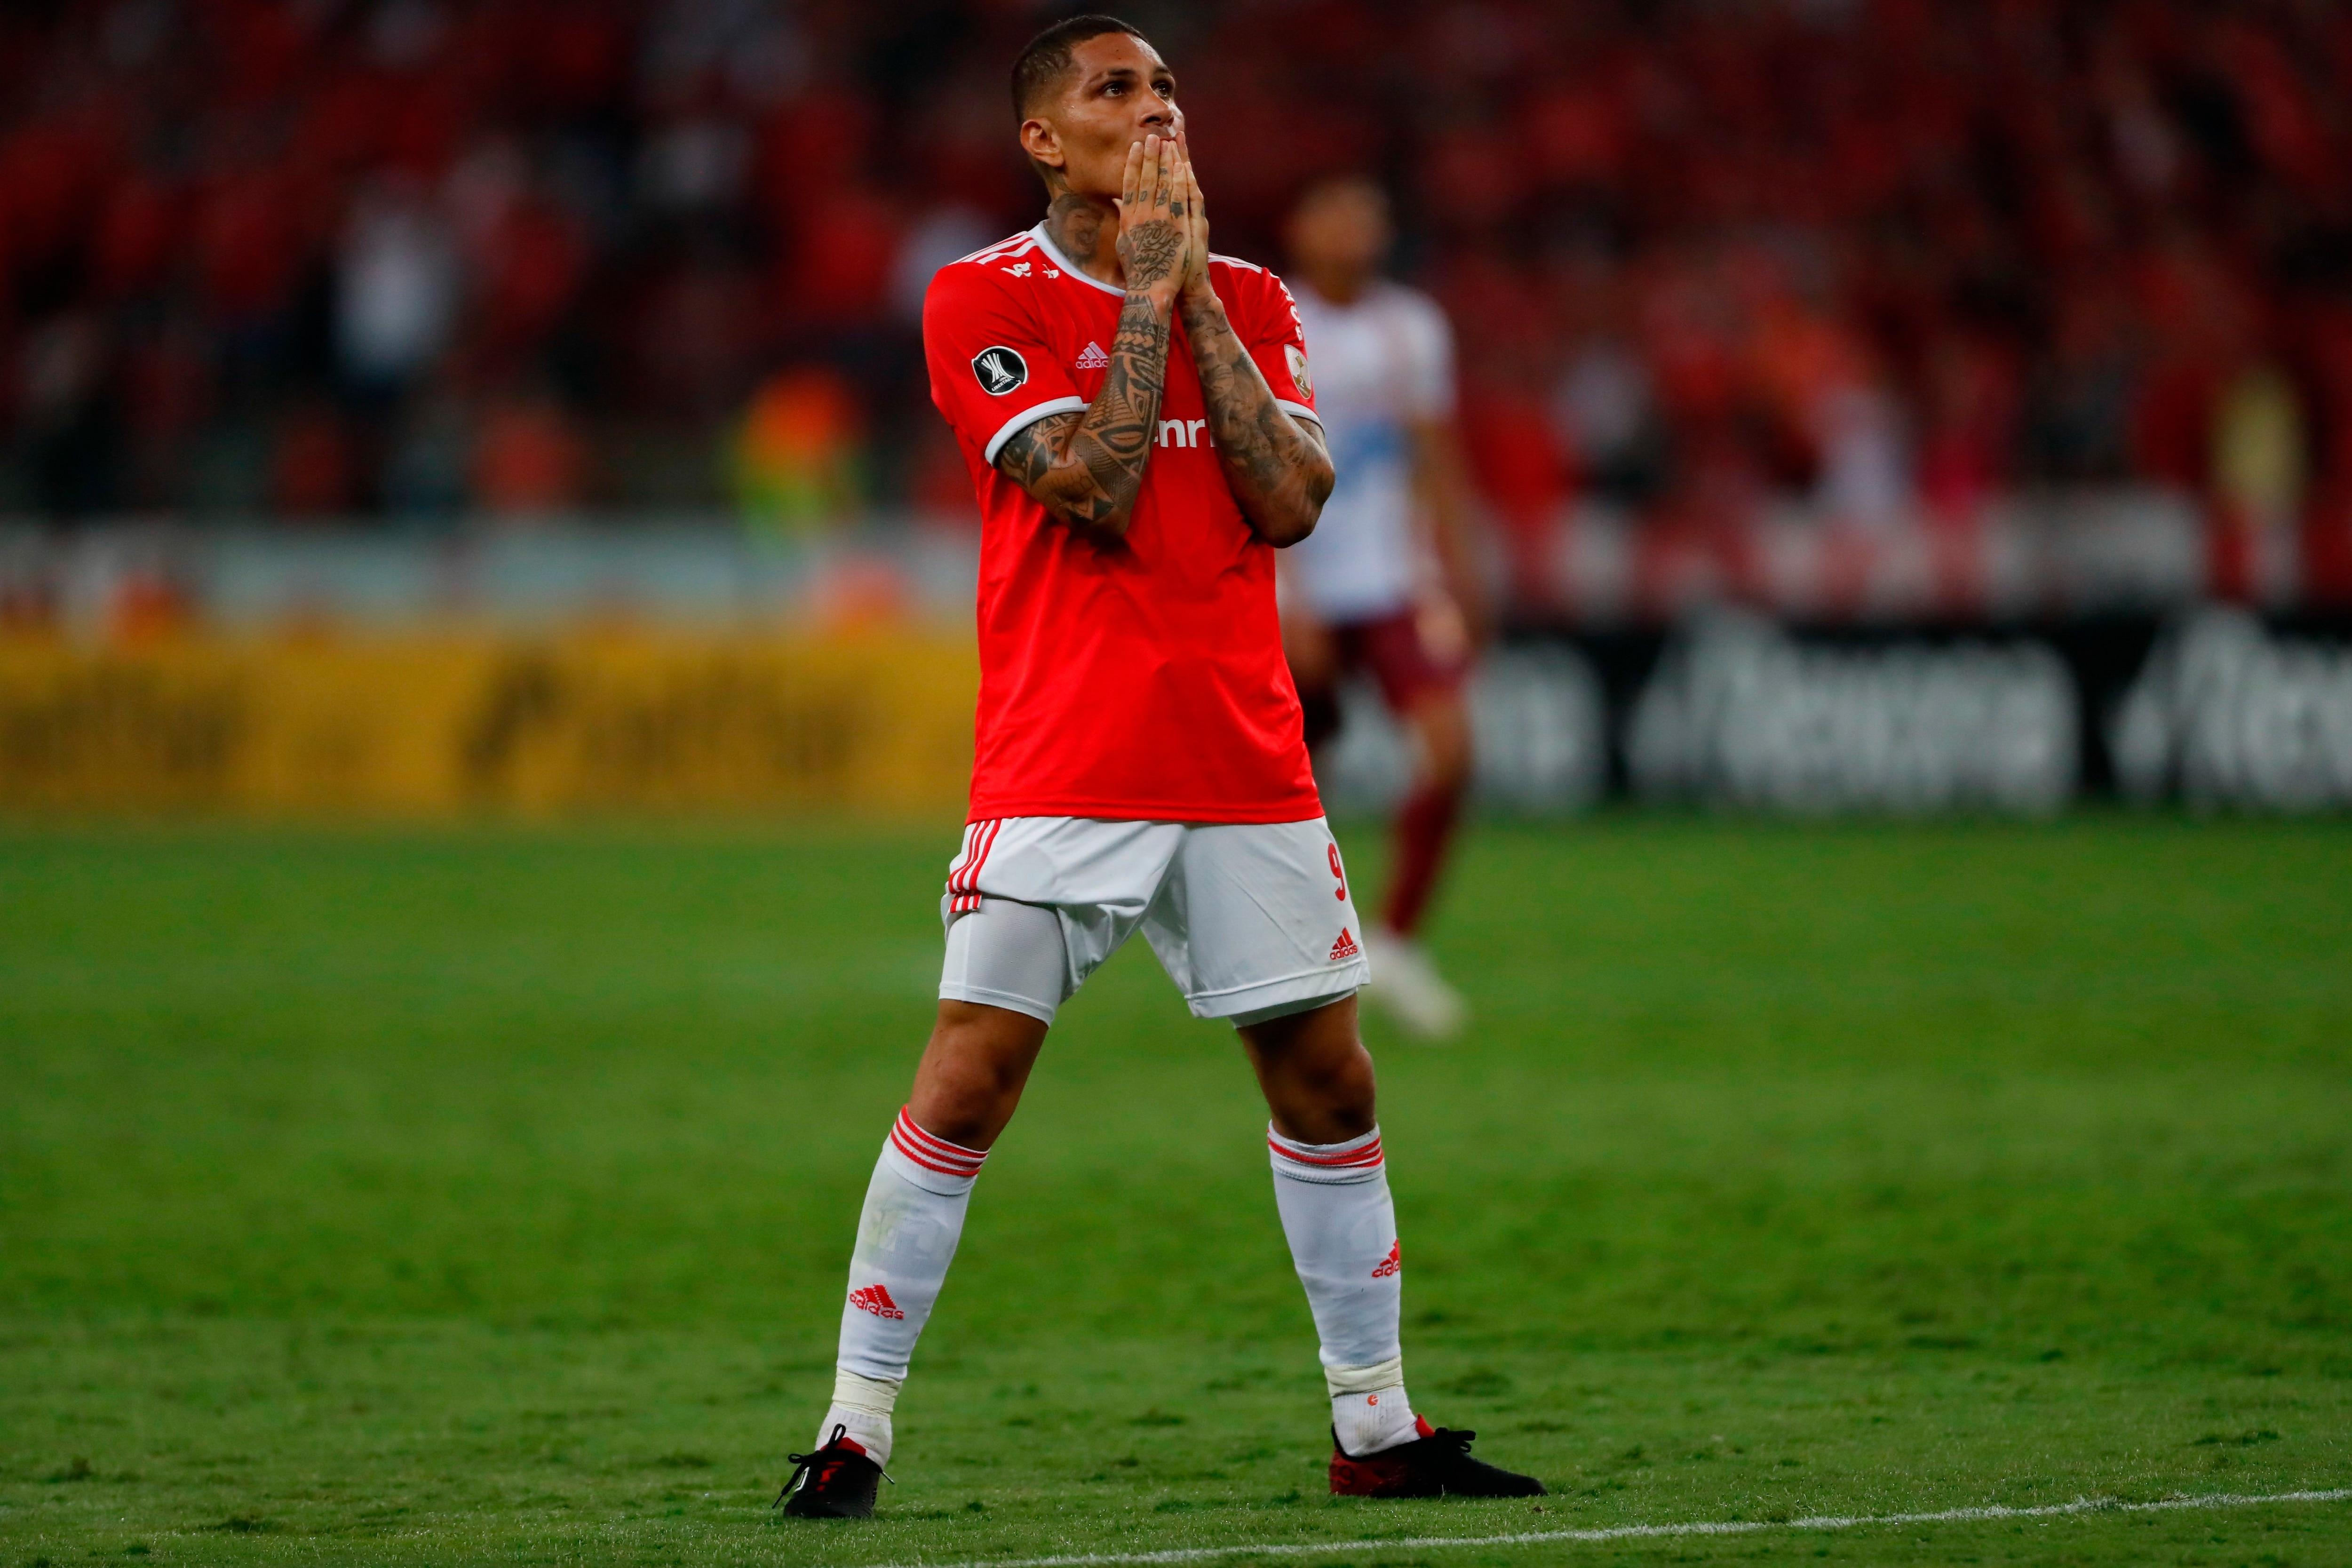 El jugador peruano Paolo Guerrero de Internacional. EFE/ Marcelo Oliveira/Archivo